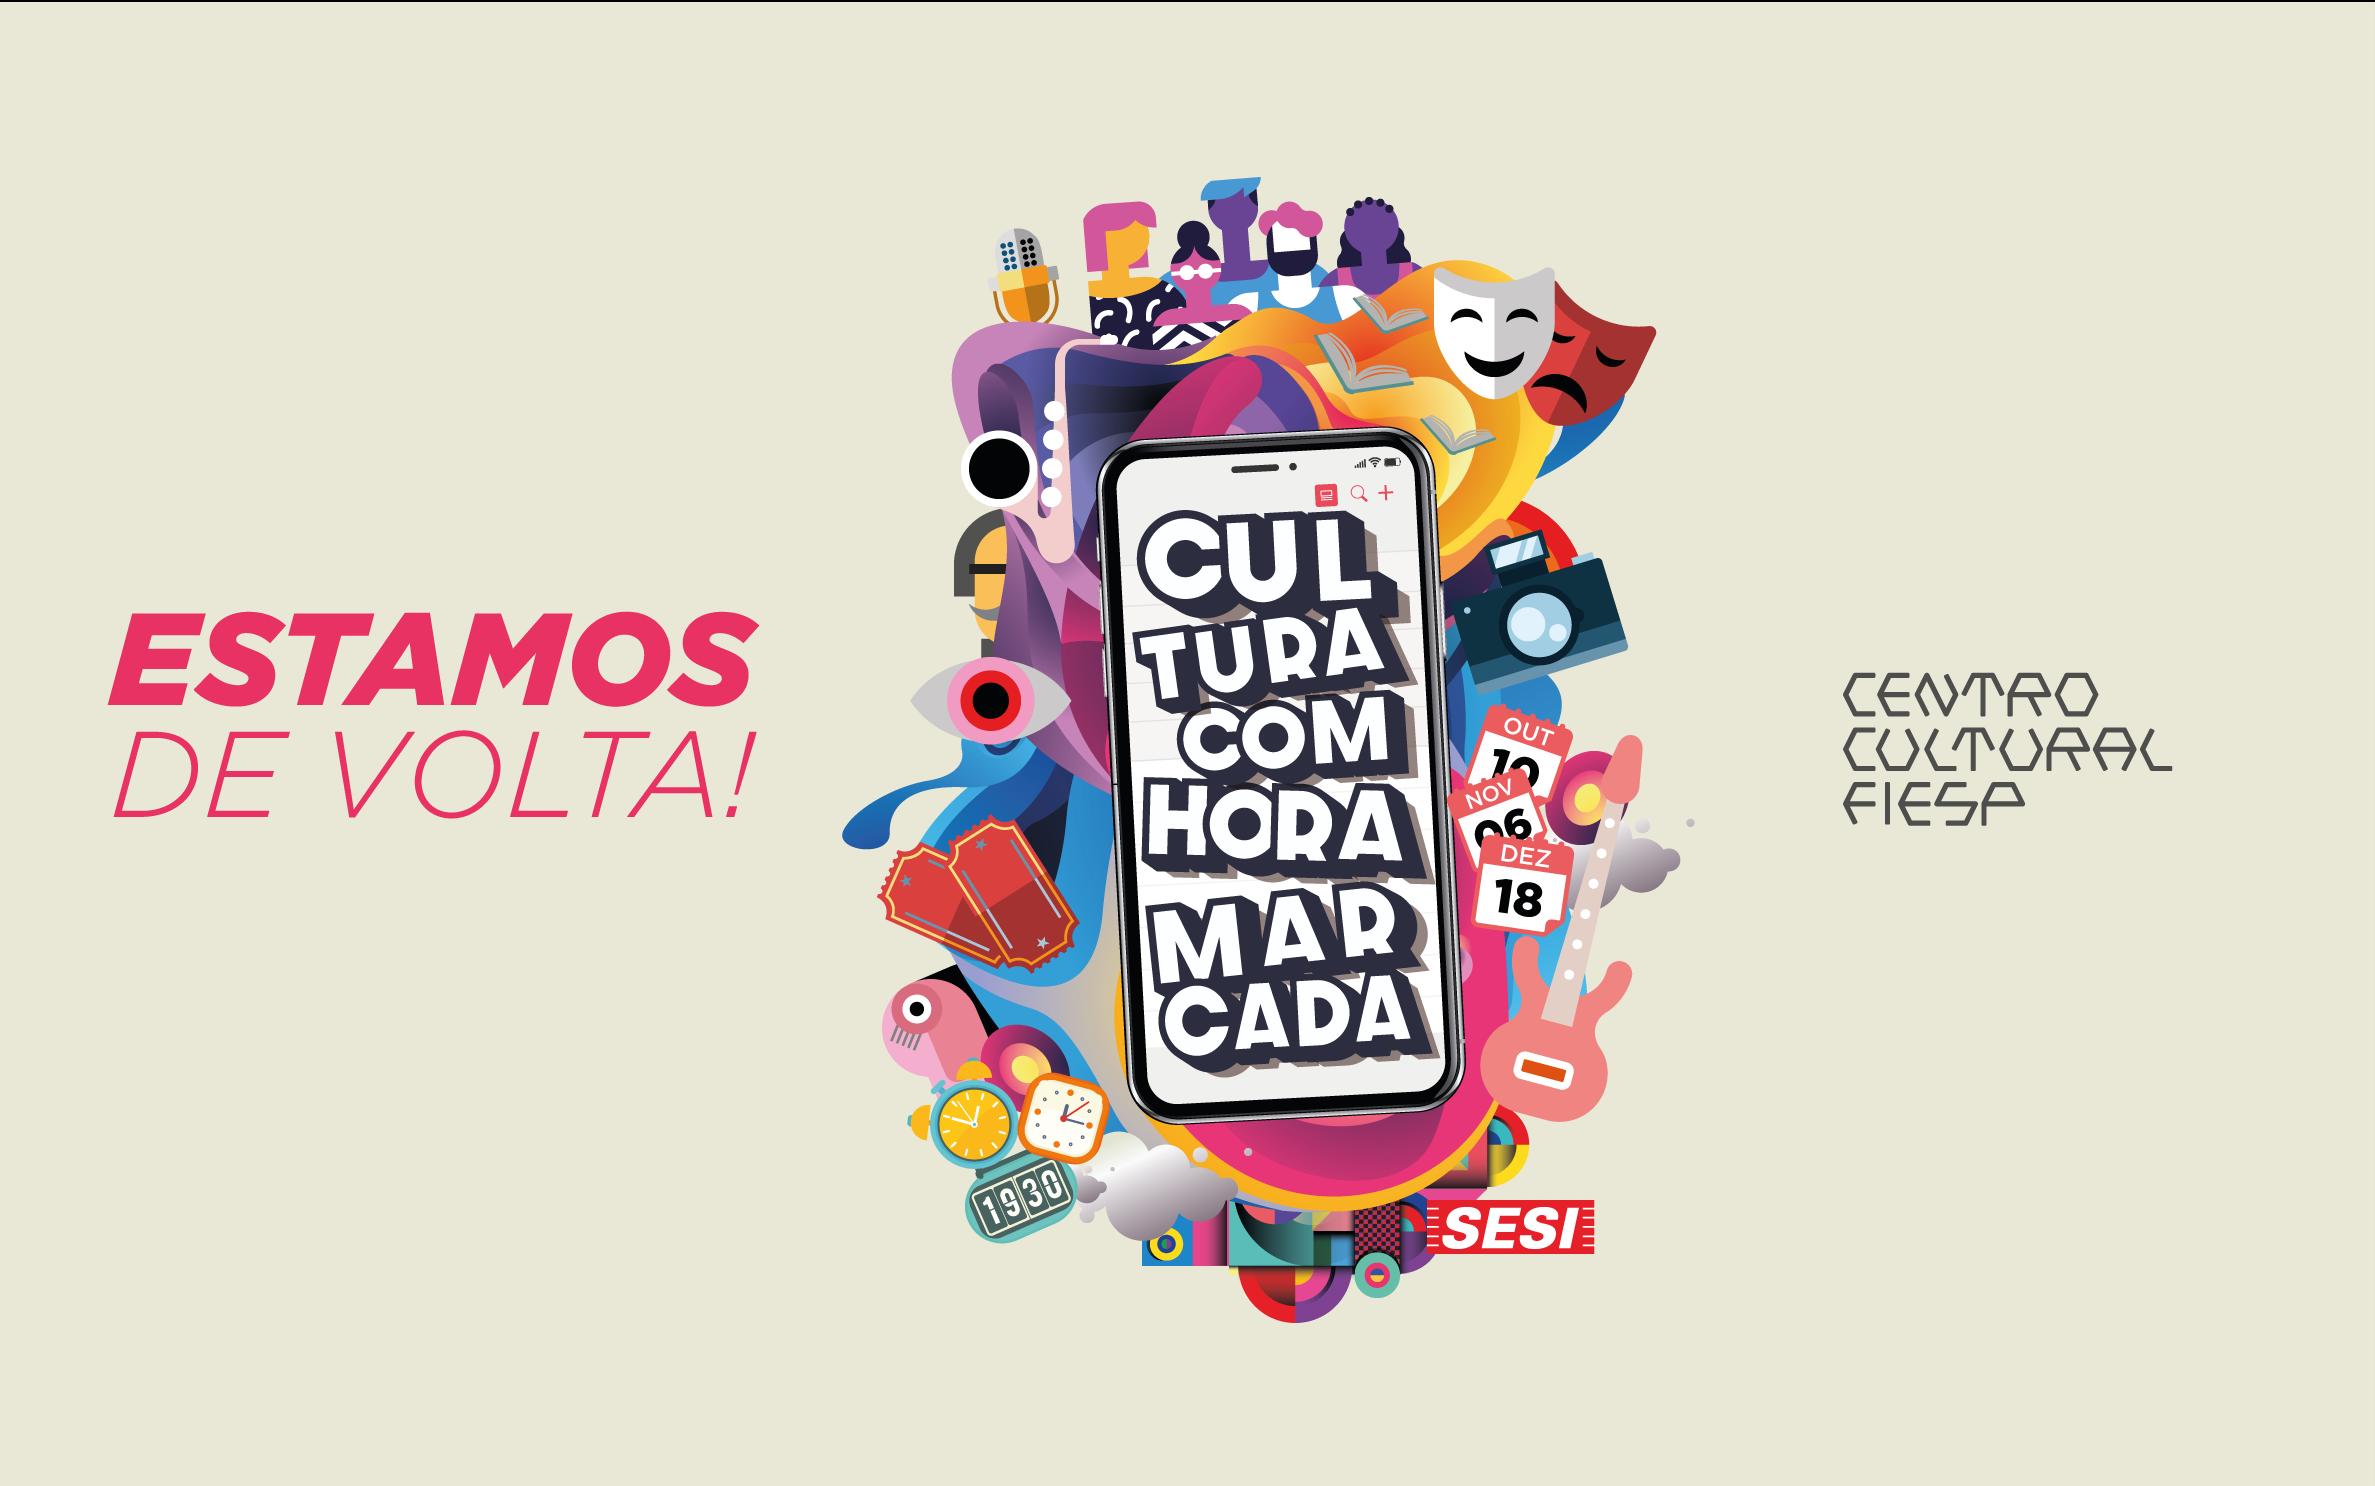 Centro Cultural Fiesp reabre dia 15 com exposição inédita do artista José Roberto Aguilar